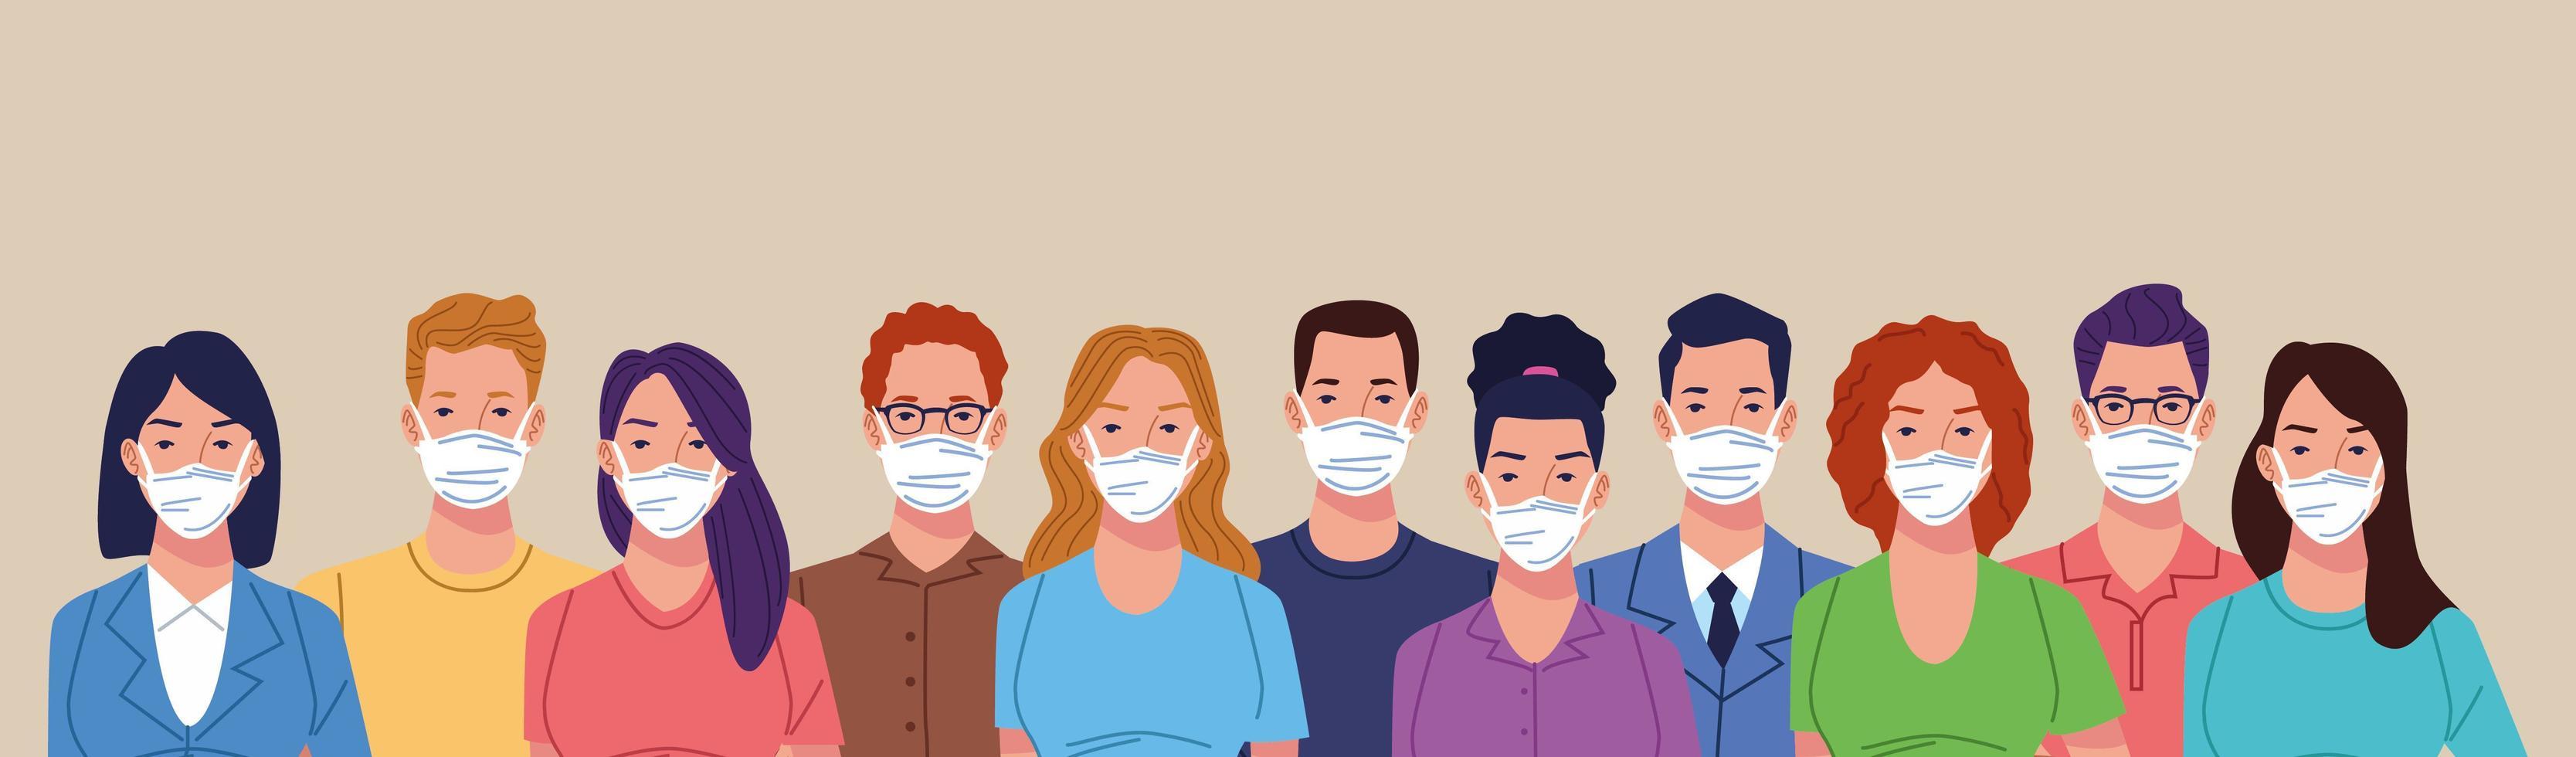 Menschenmenge mit Gesichtsmaske für Coronavirus vektor